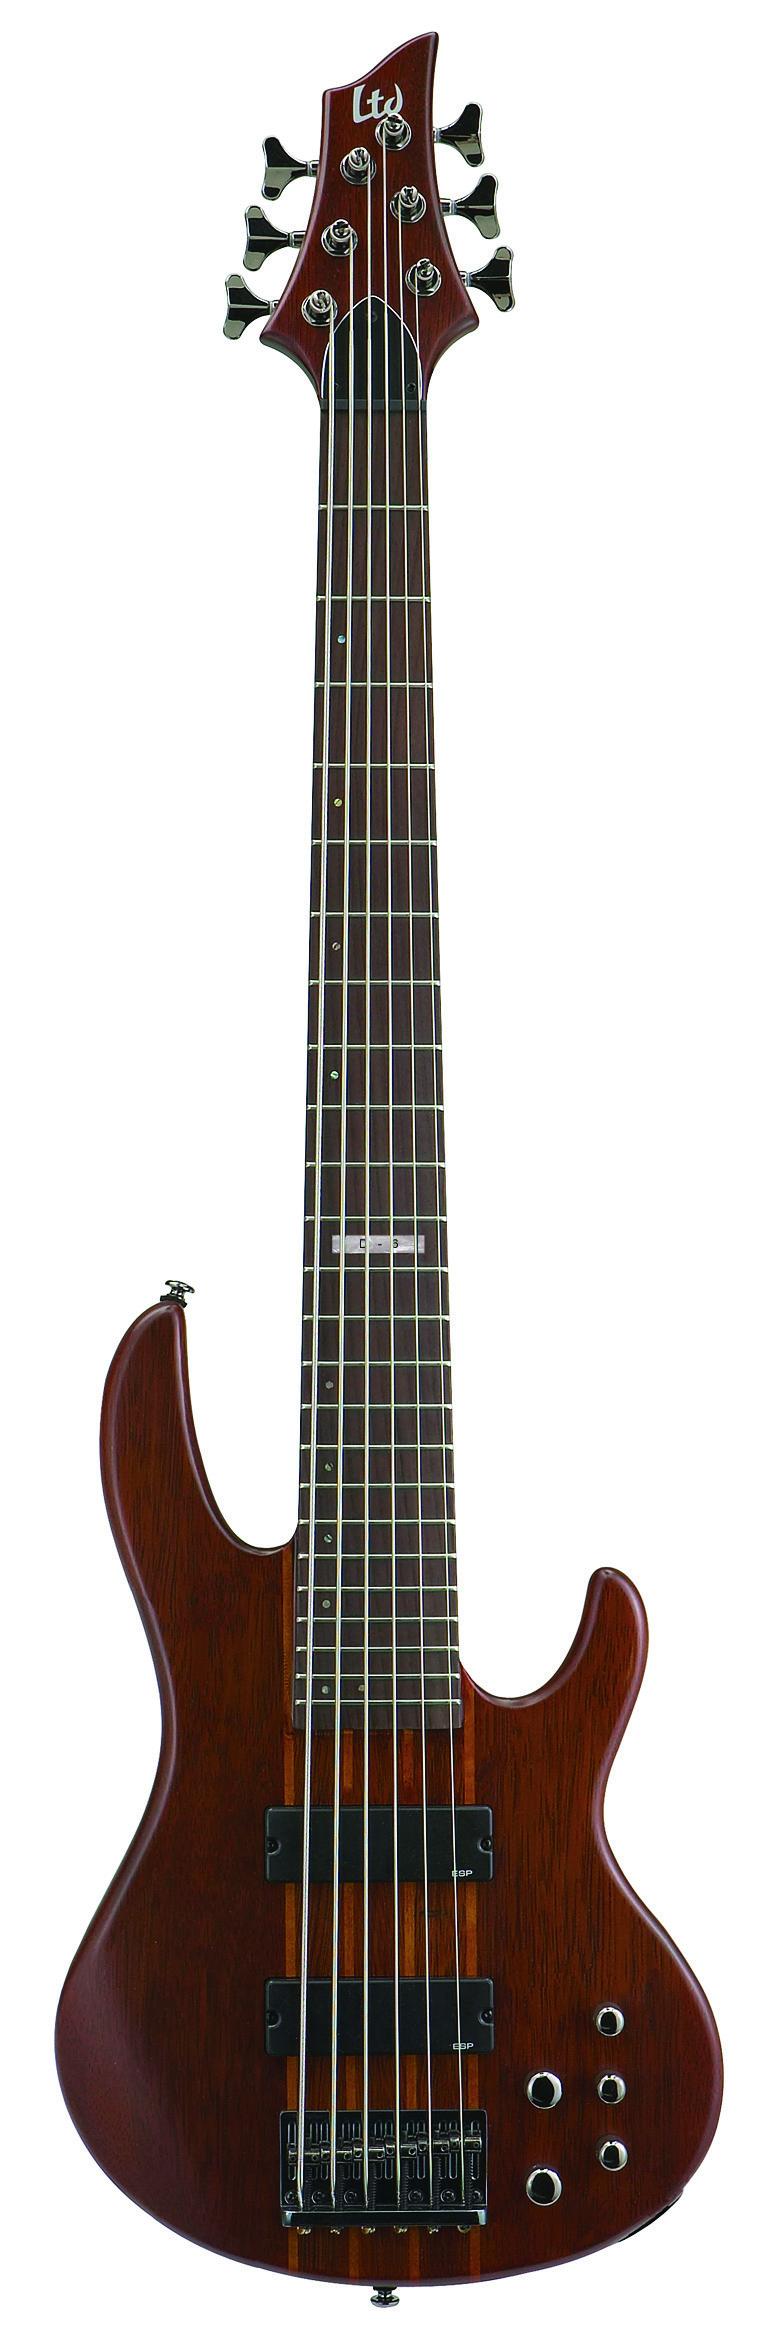 Esp ltd d6 d series bass guitar natural satin finish